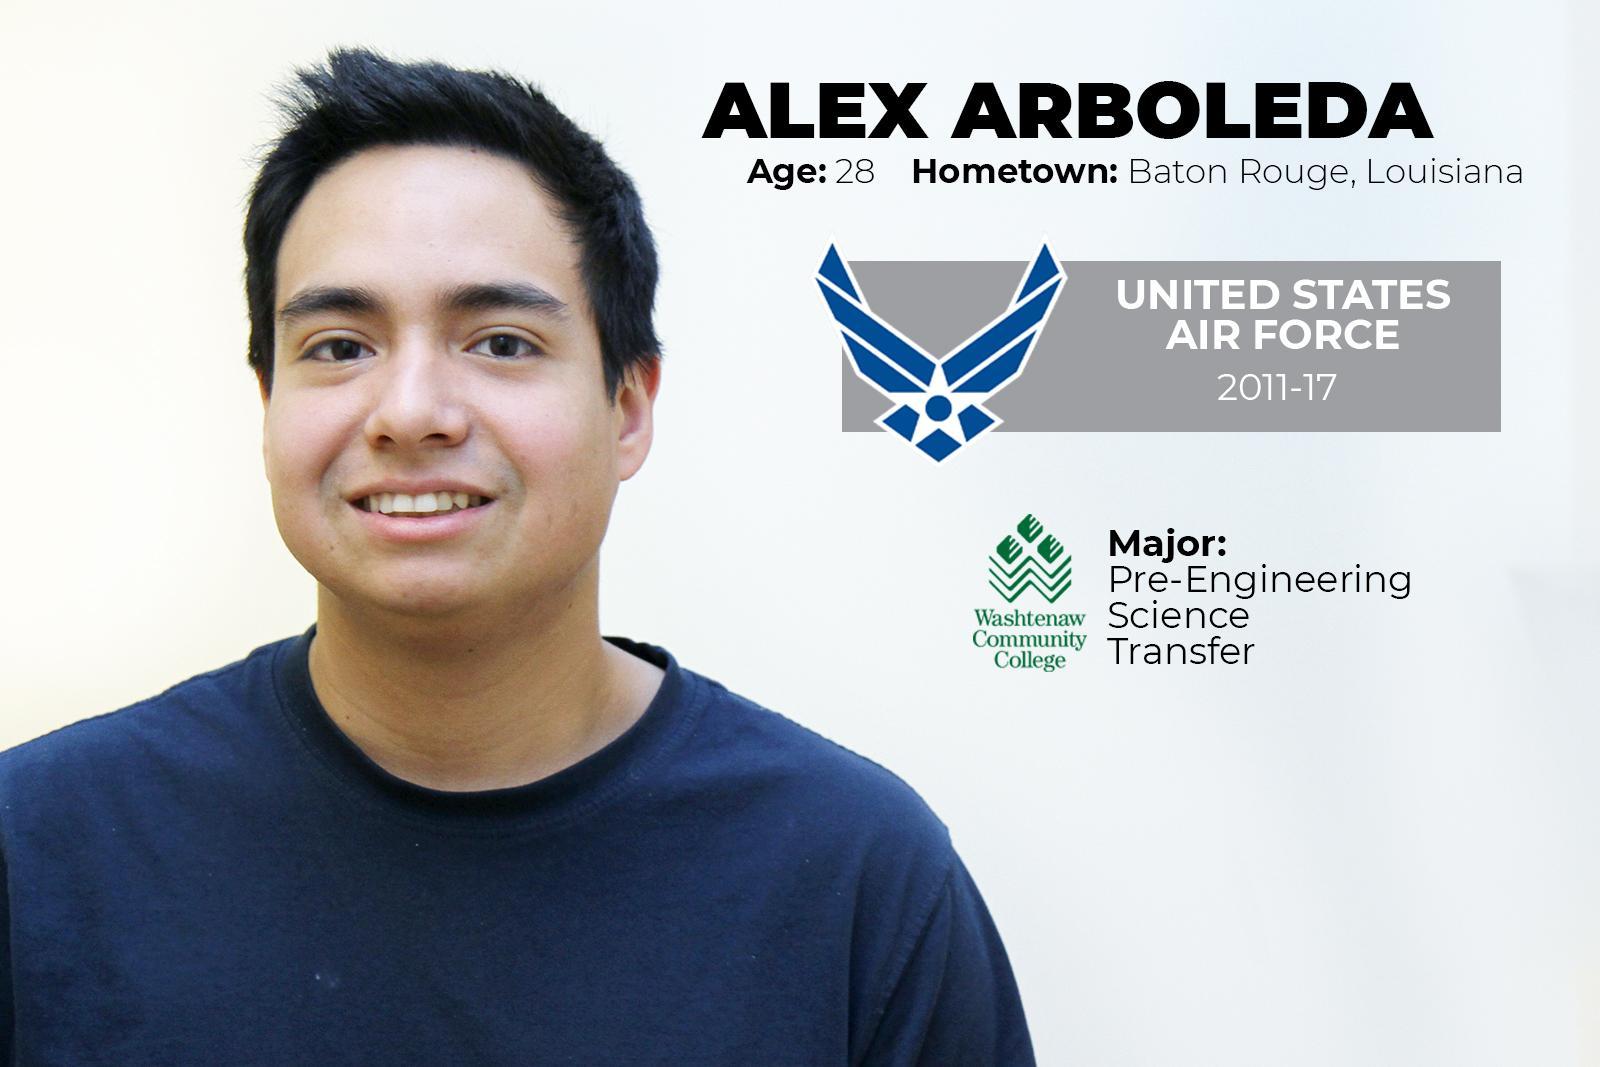 Alex Arboleda